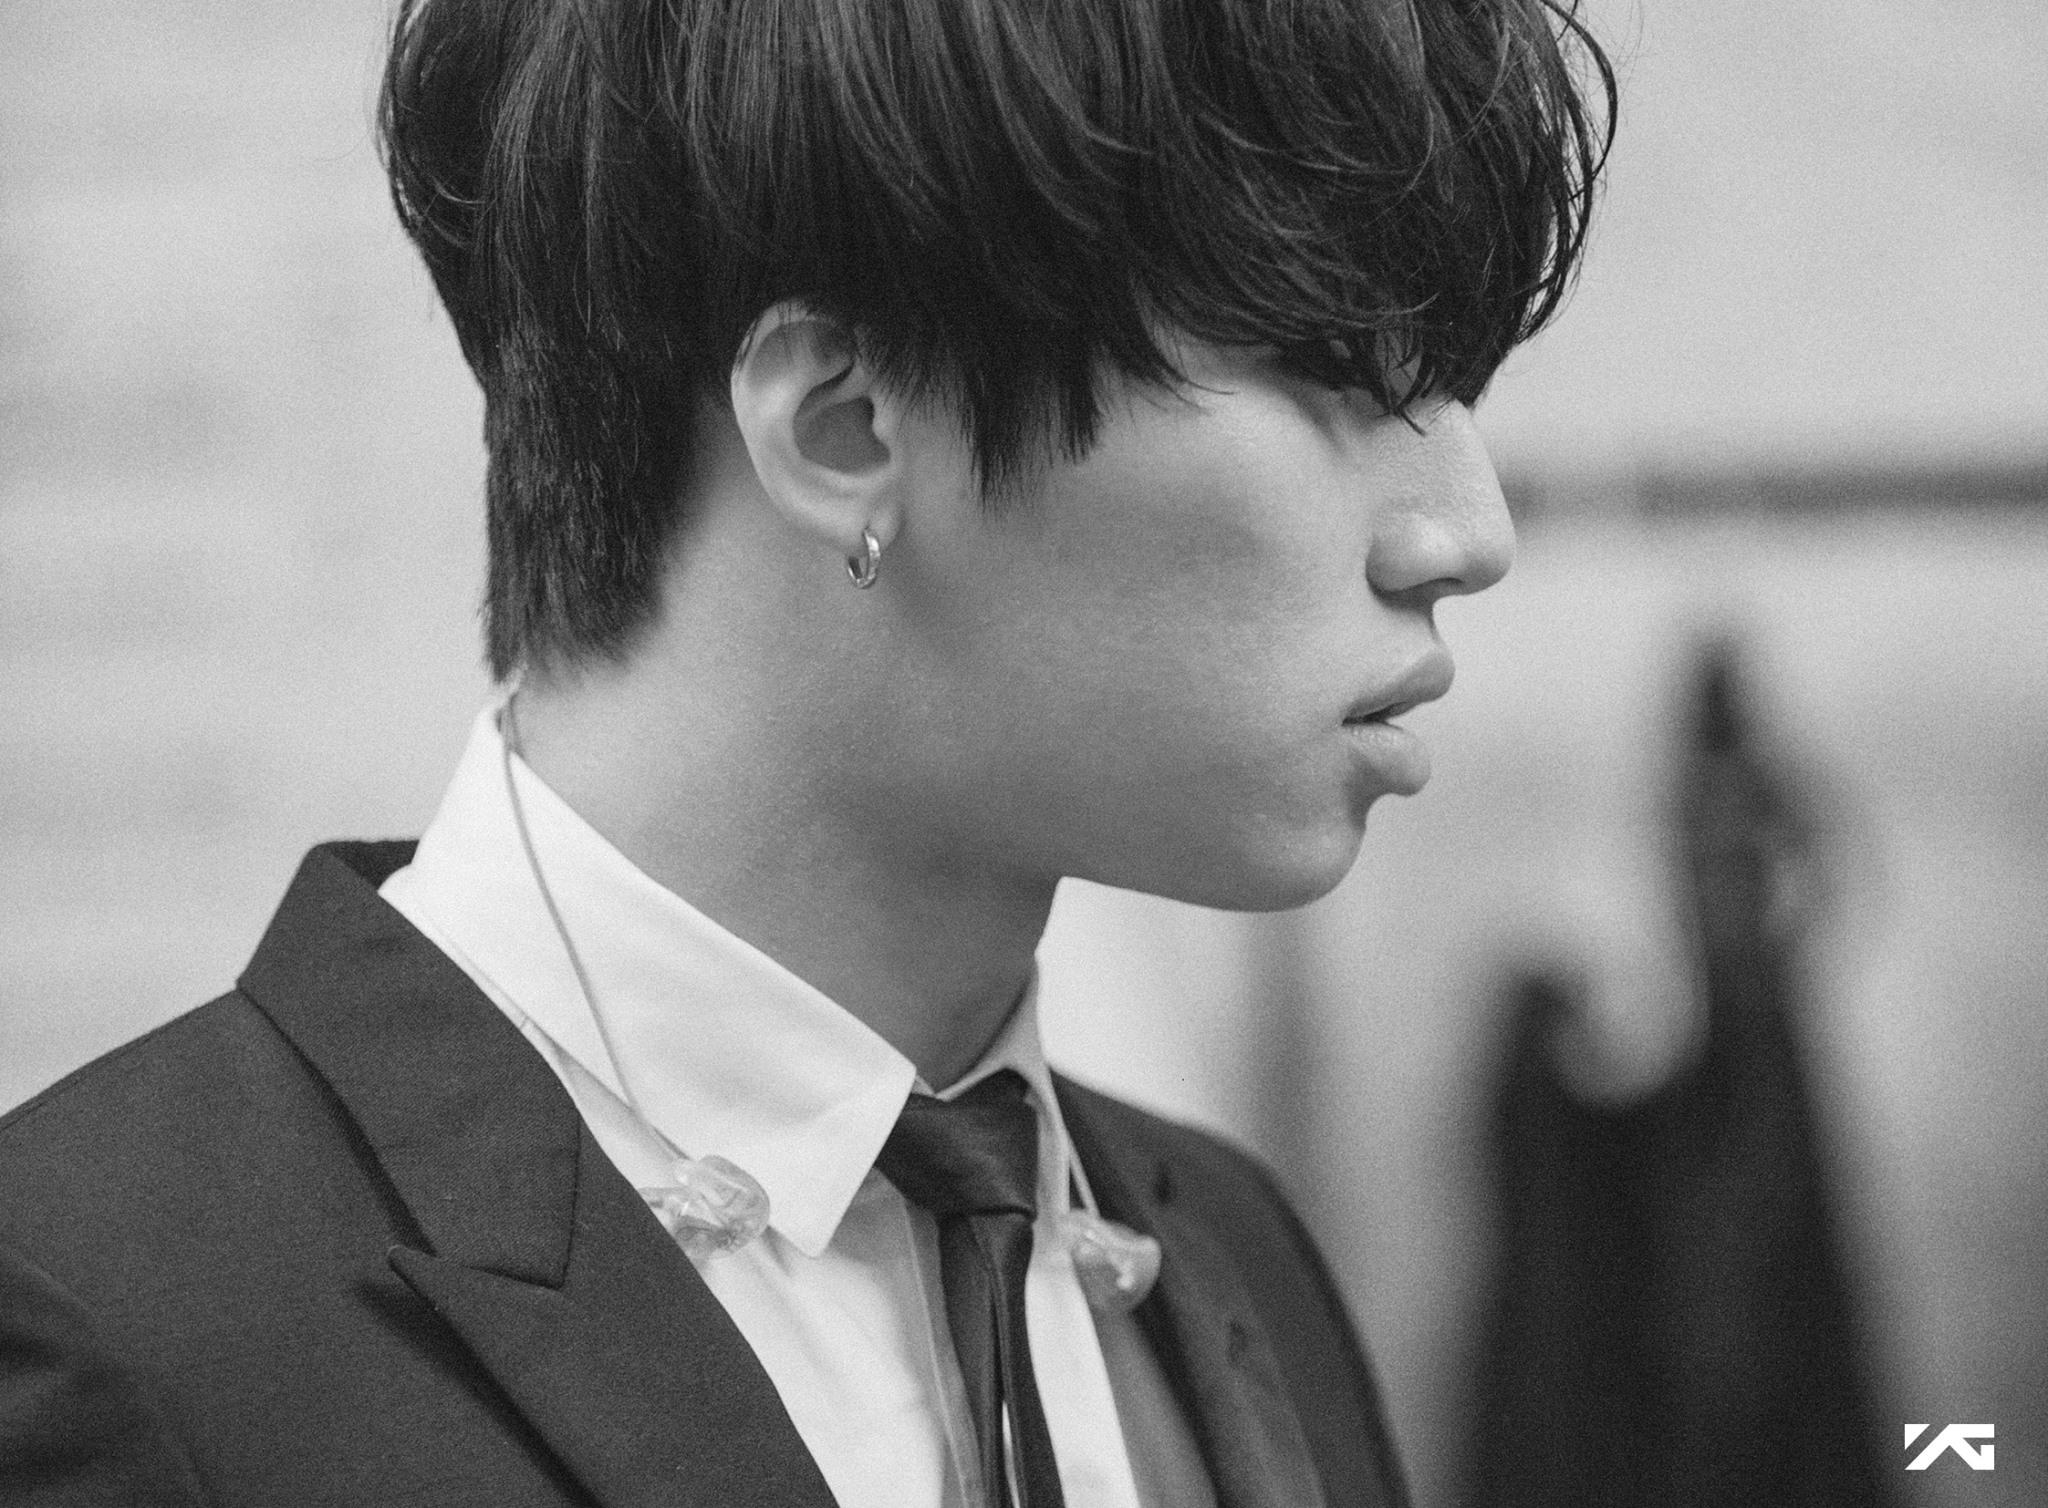 性感LIPS一號:大聲  BIGBANG內VOICEL LINE!不只有聲音,連嘴唇都十分迷人